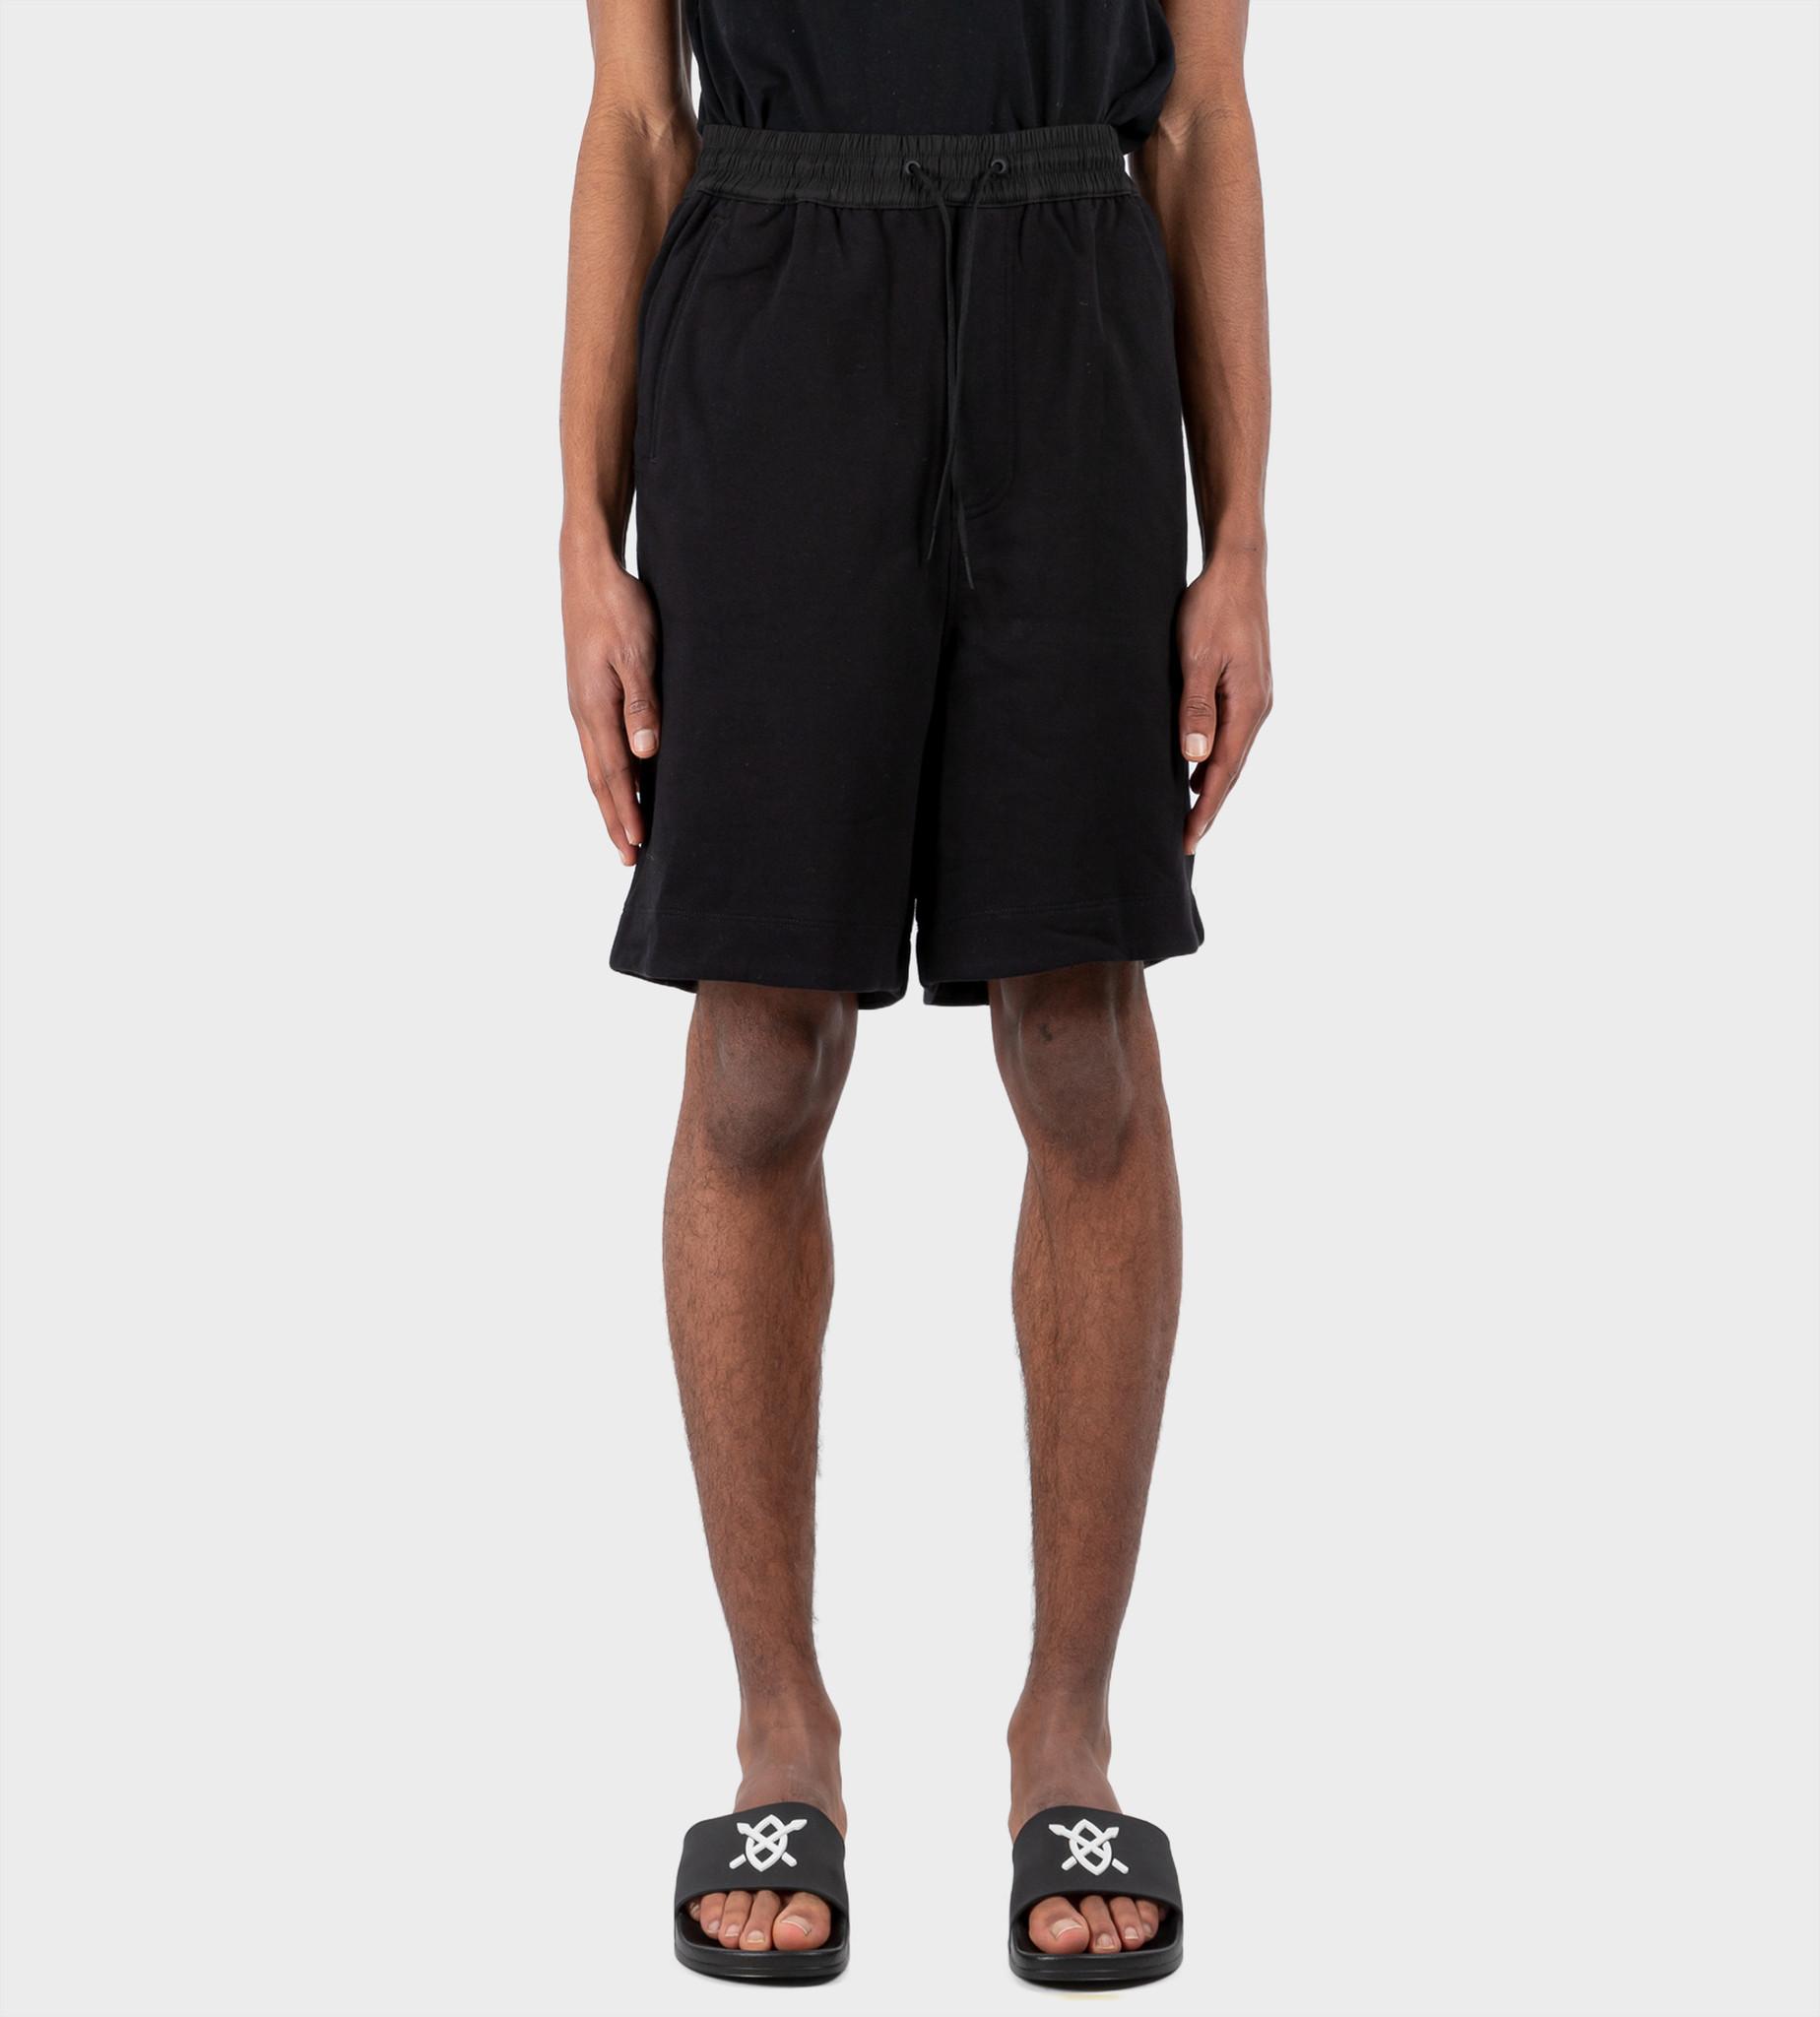 Y3 CL Shorts